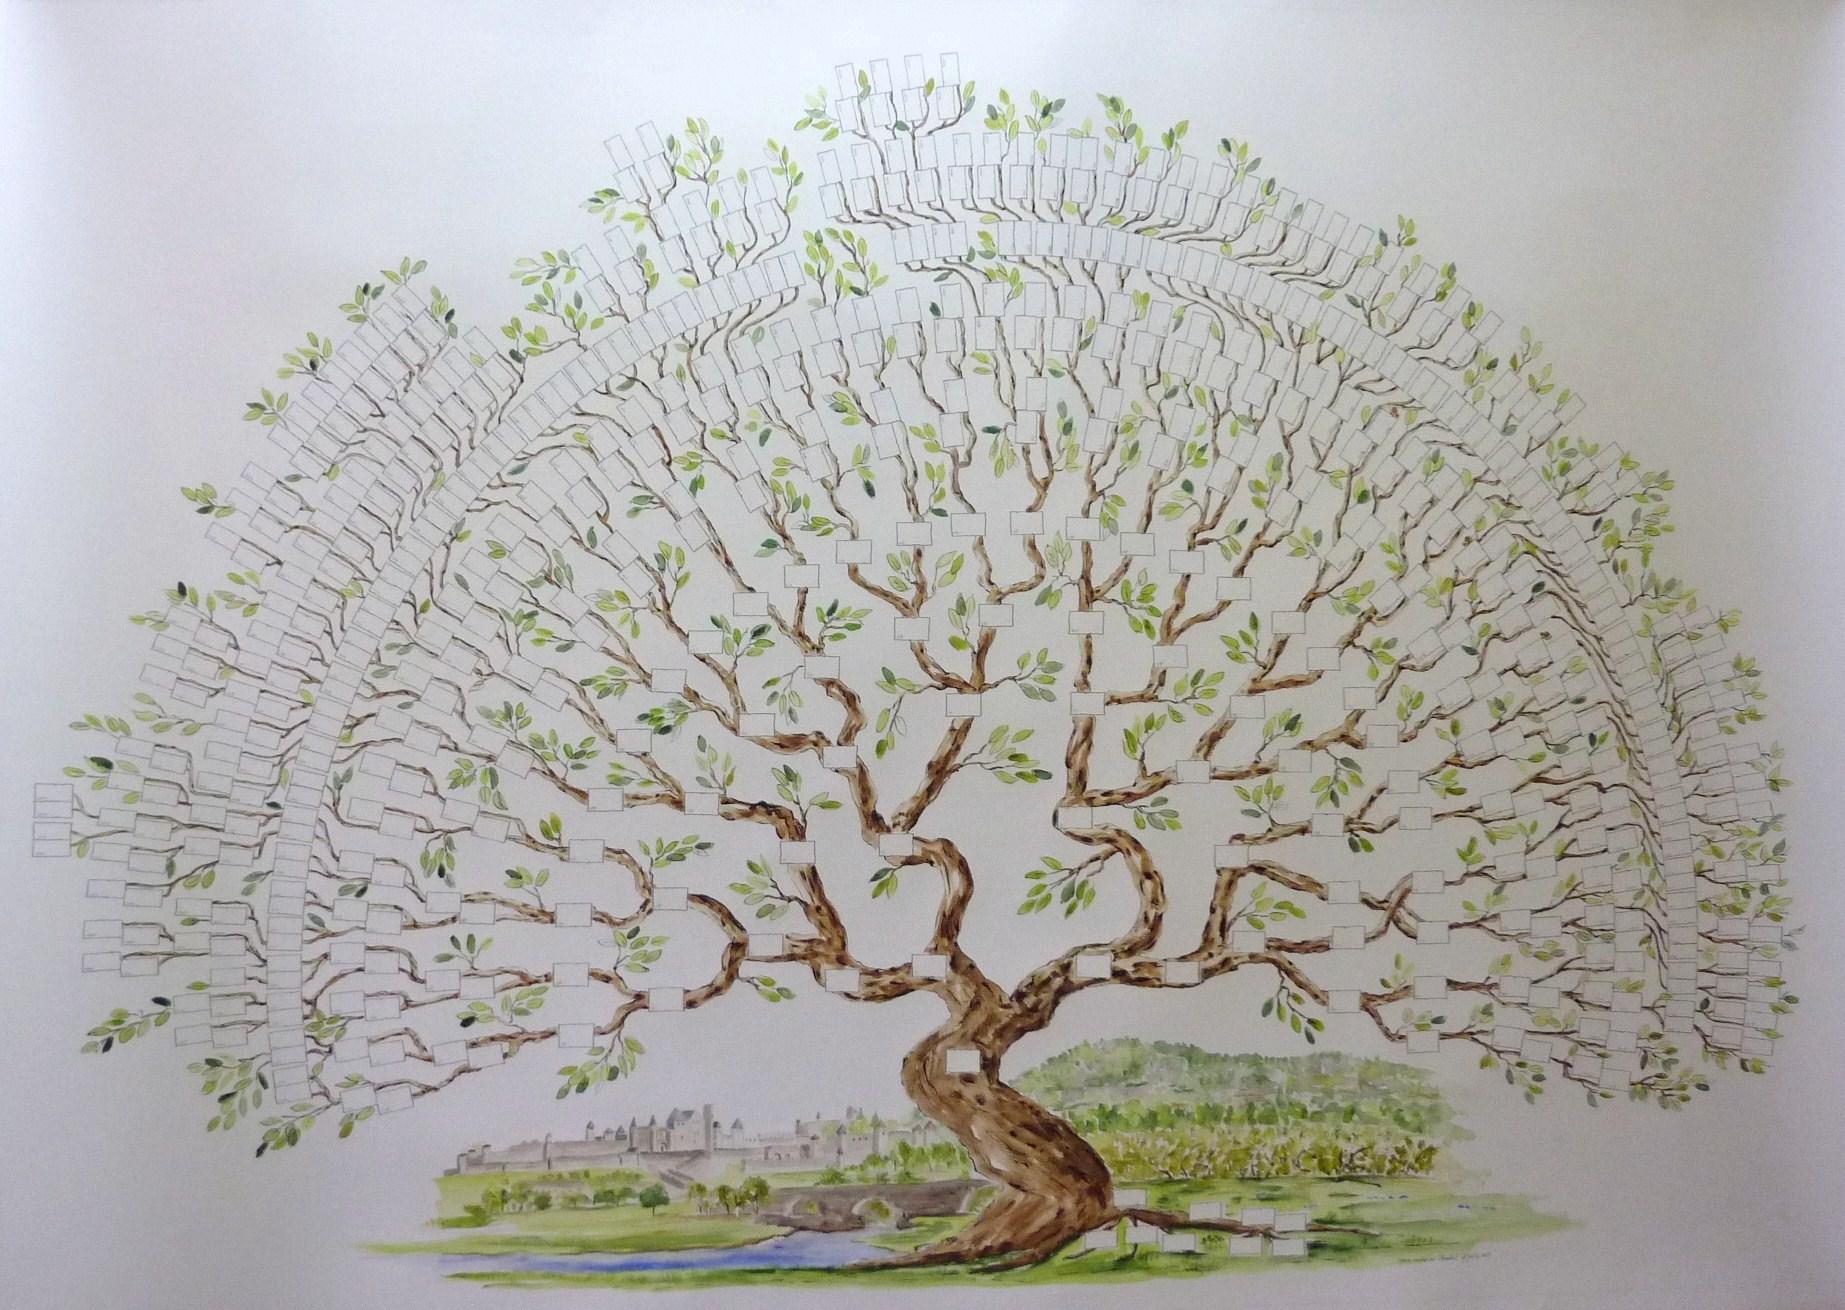 Arbre généalogique bonsaï